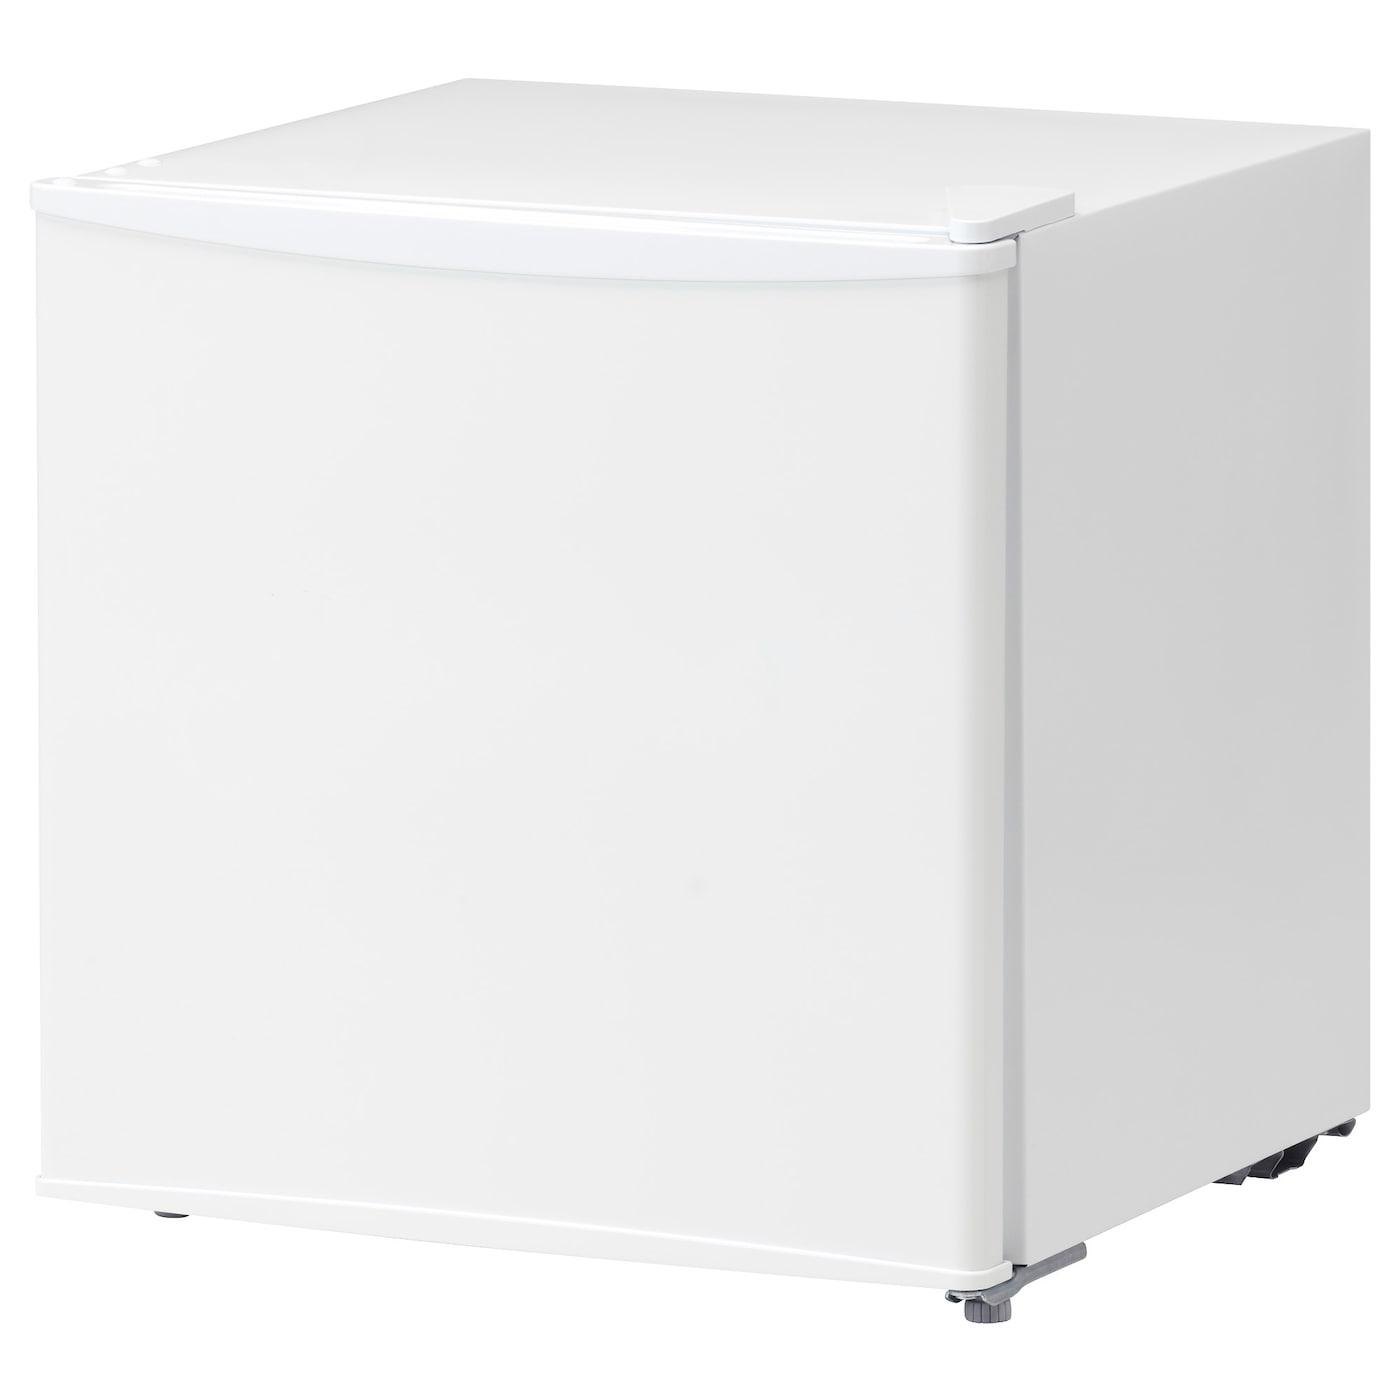 Pantryküche Ikea sunnersta miniküche ikea